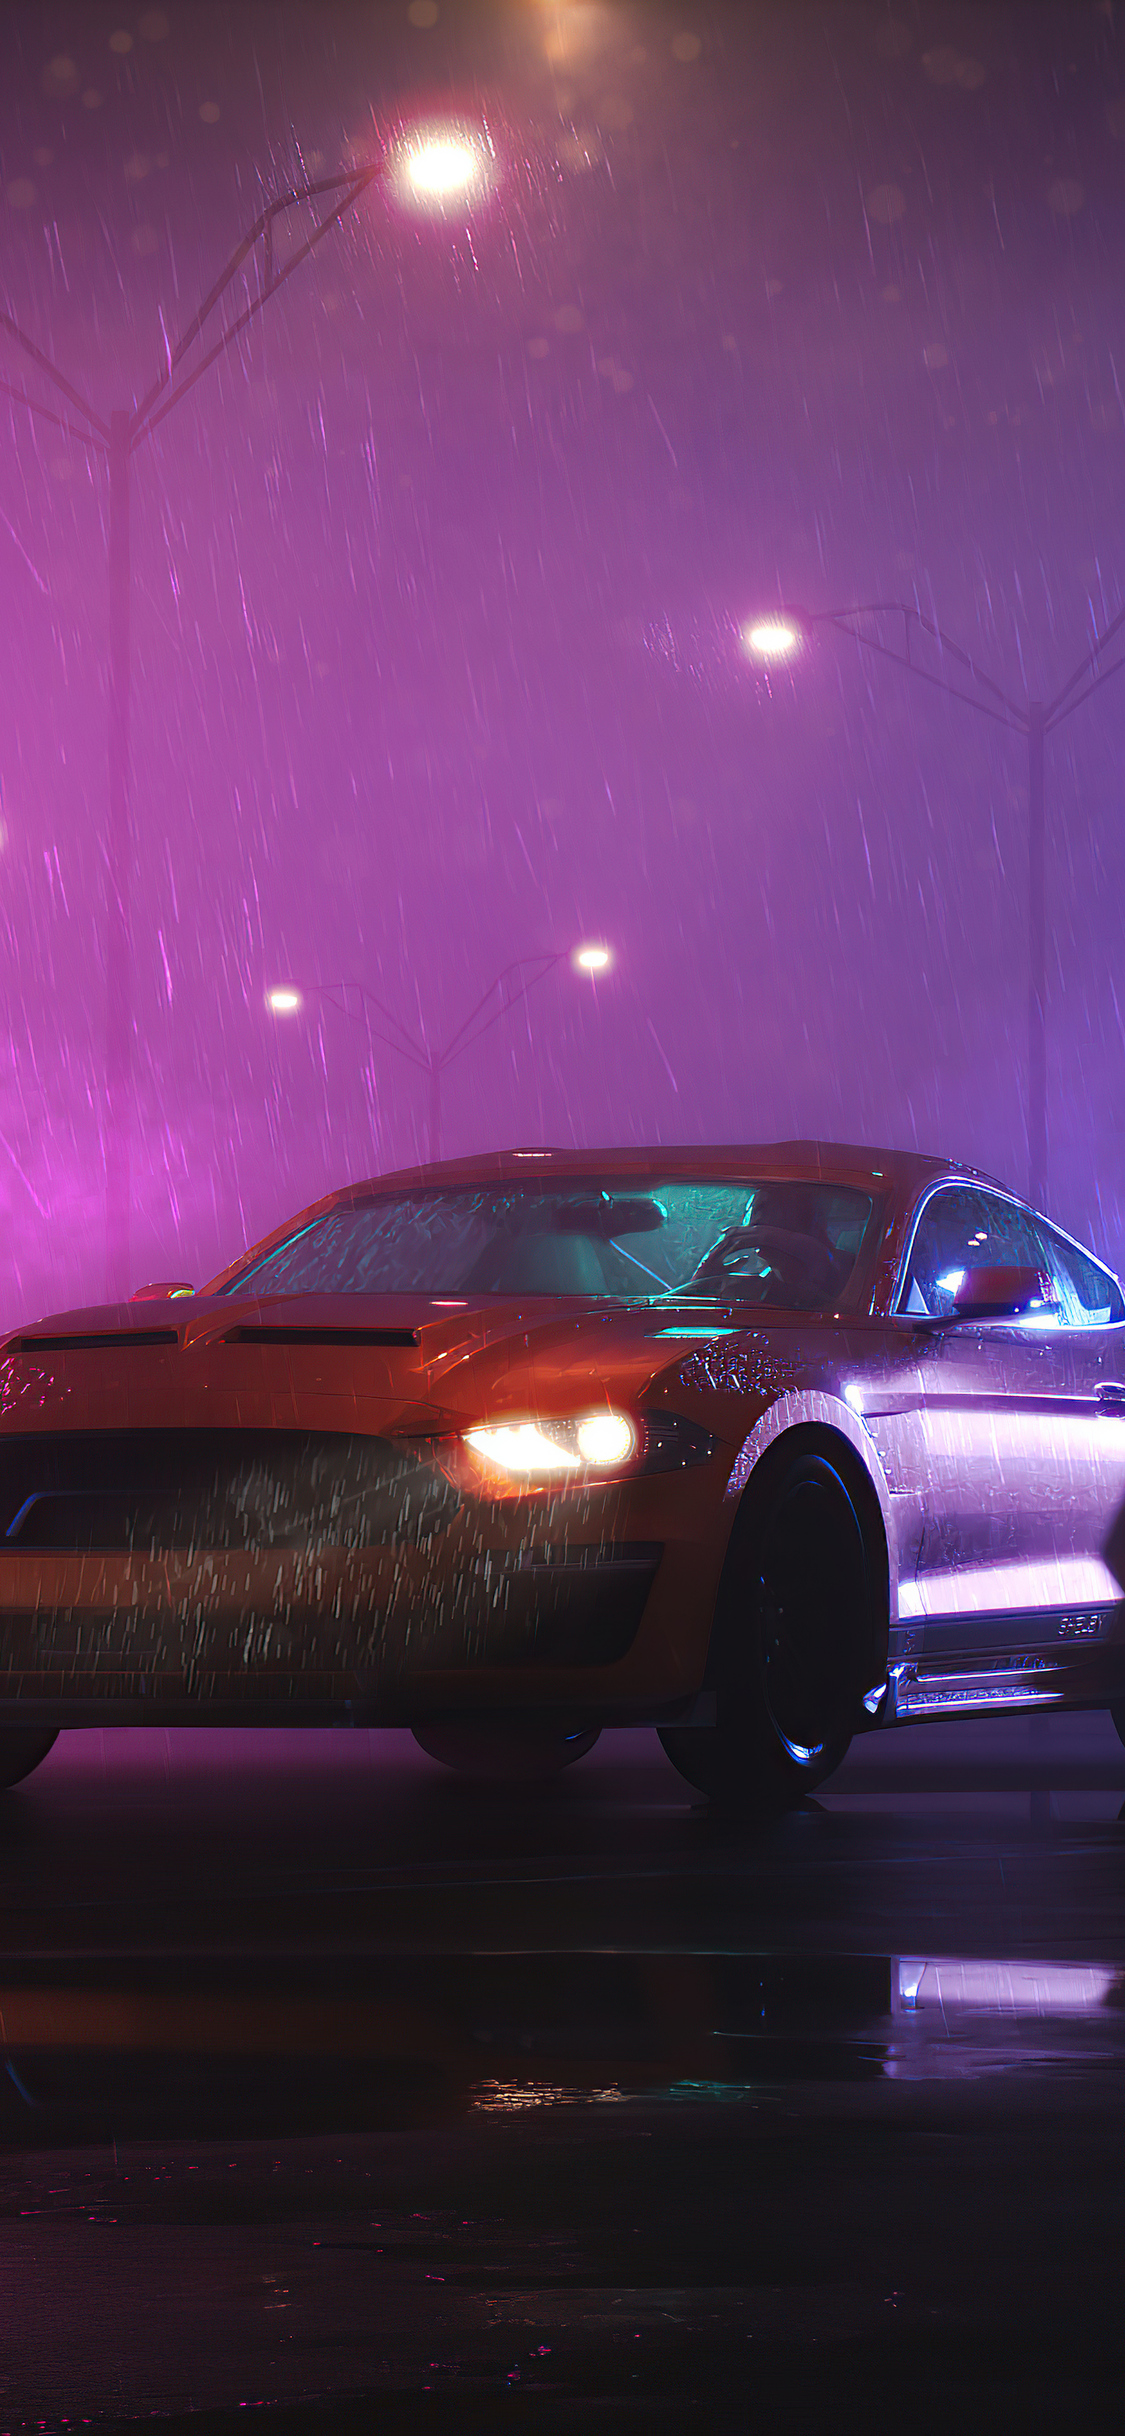 ford-mustang-rain-vaporwave-5k-qk.jpg